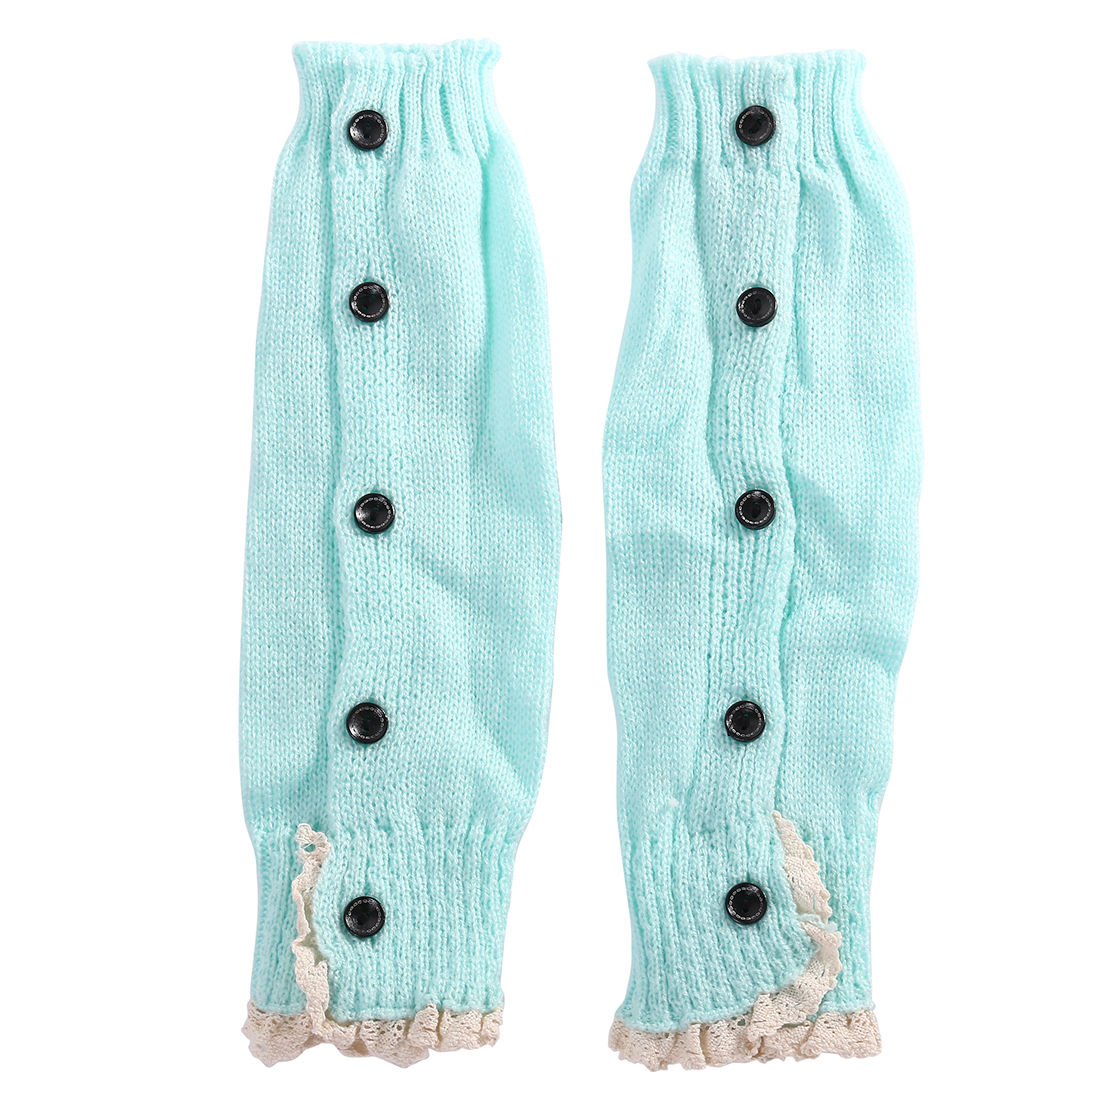 Новинка года; брендовые вязаные гетры в рубчик с кружевными оборками для маленьких девочек и подростков; гетры; 8 цветов - Цвет: Blue